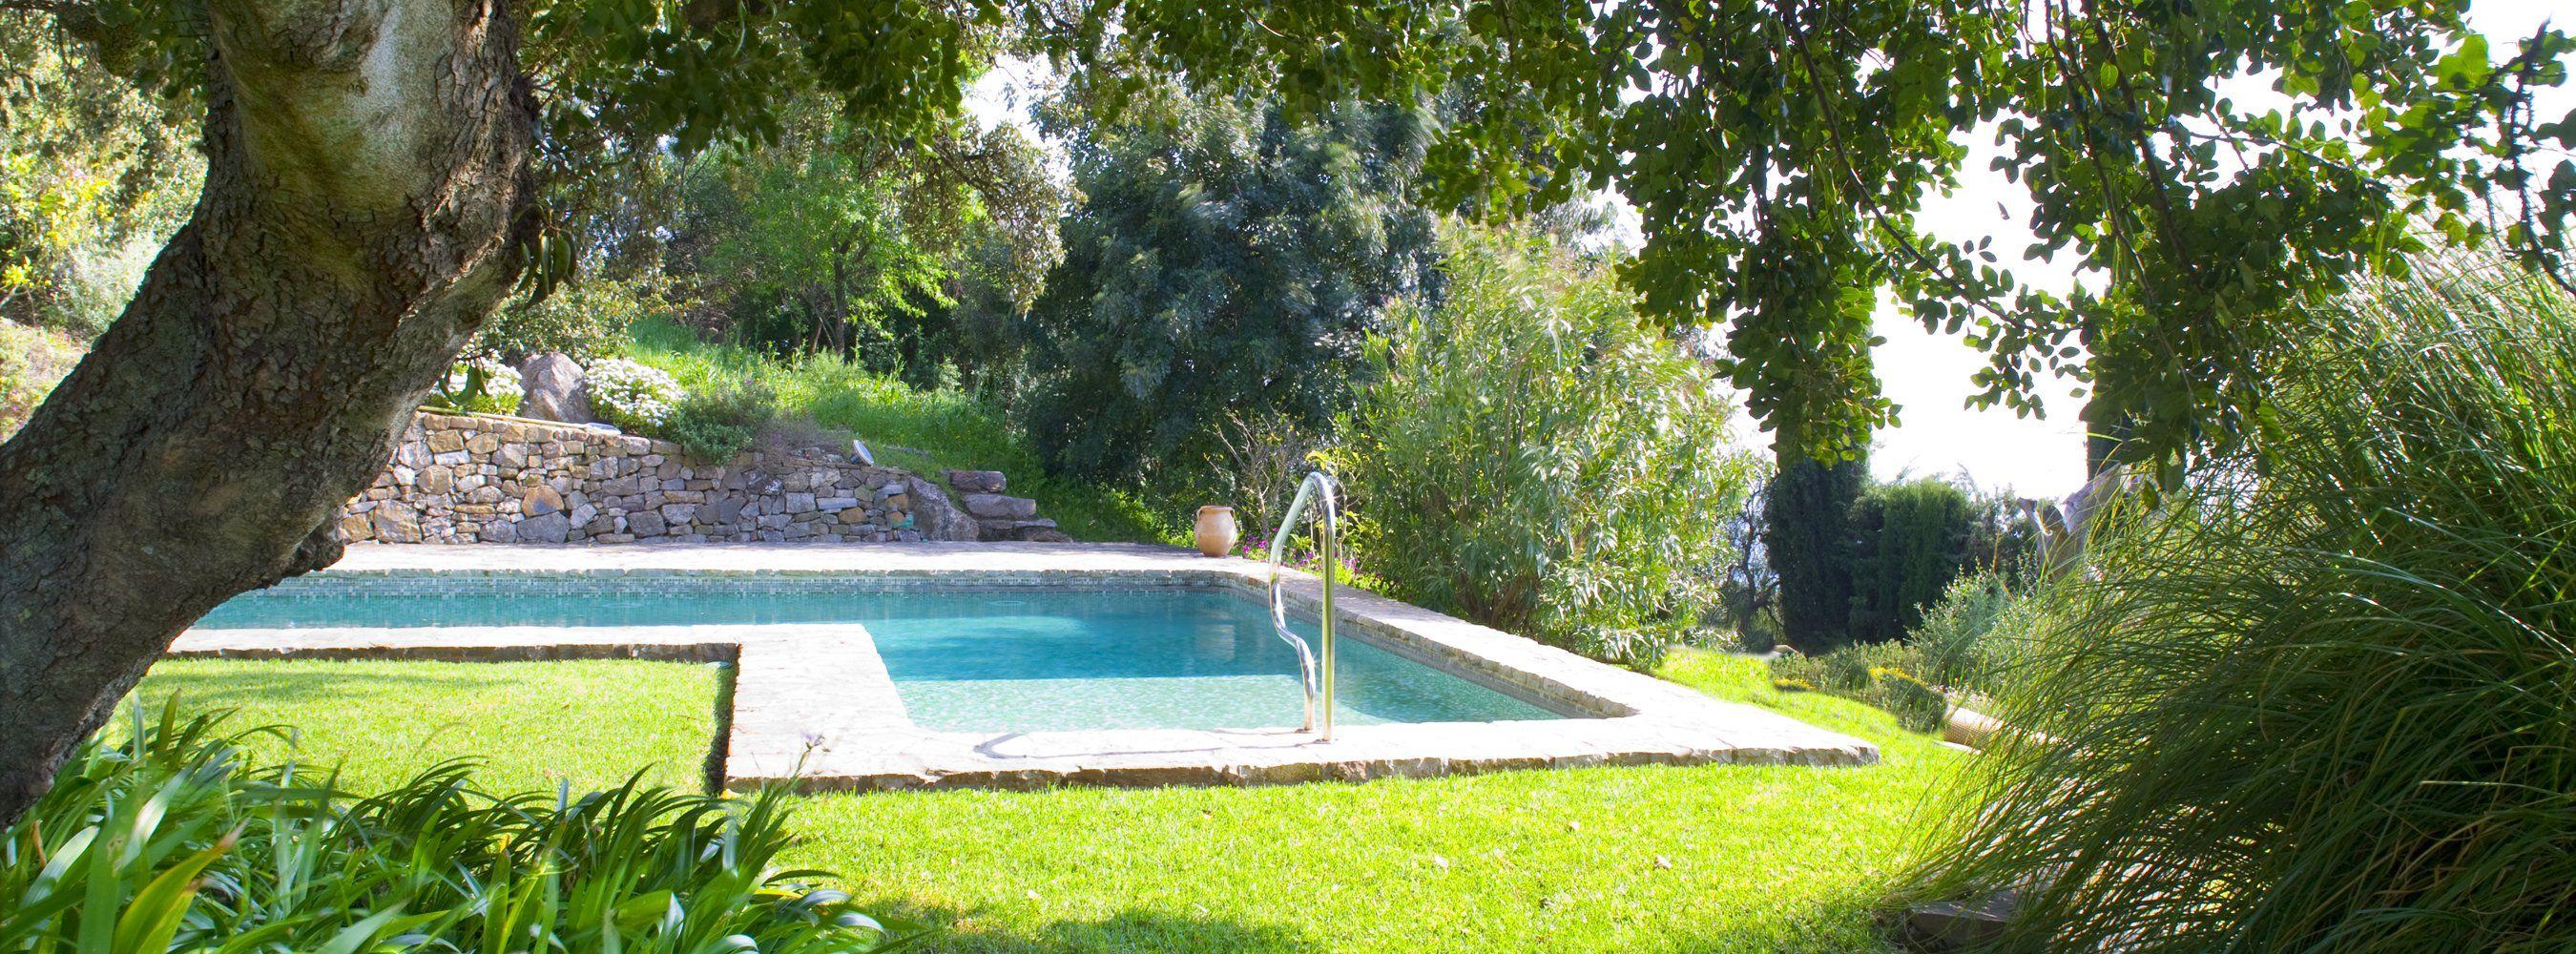 swimming pool large